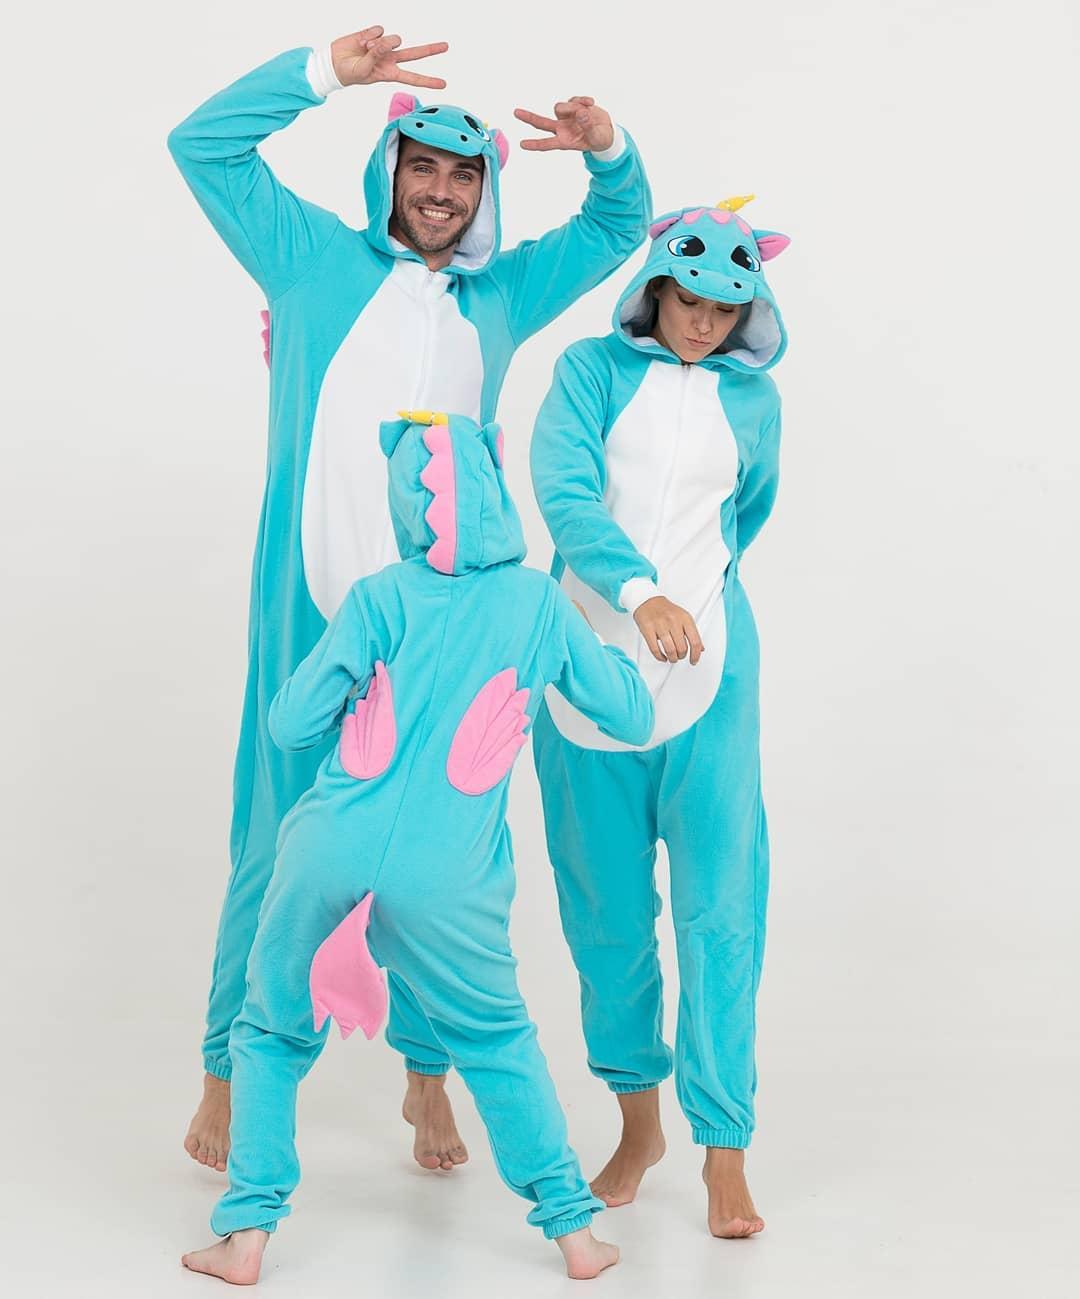 5890ea68e811 Футужама-прикольные пижамки зверята для всей семьи! - Совместные покупки в  Норильске